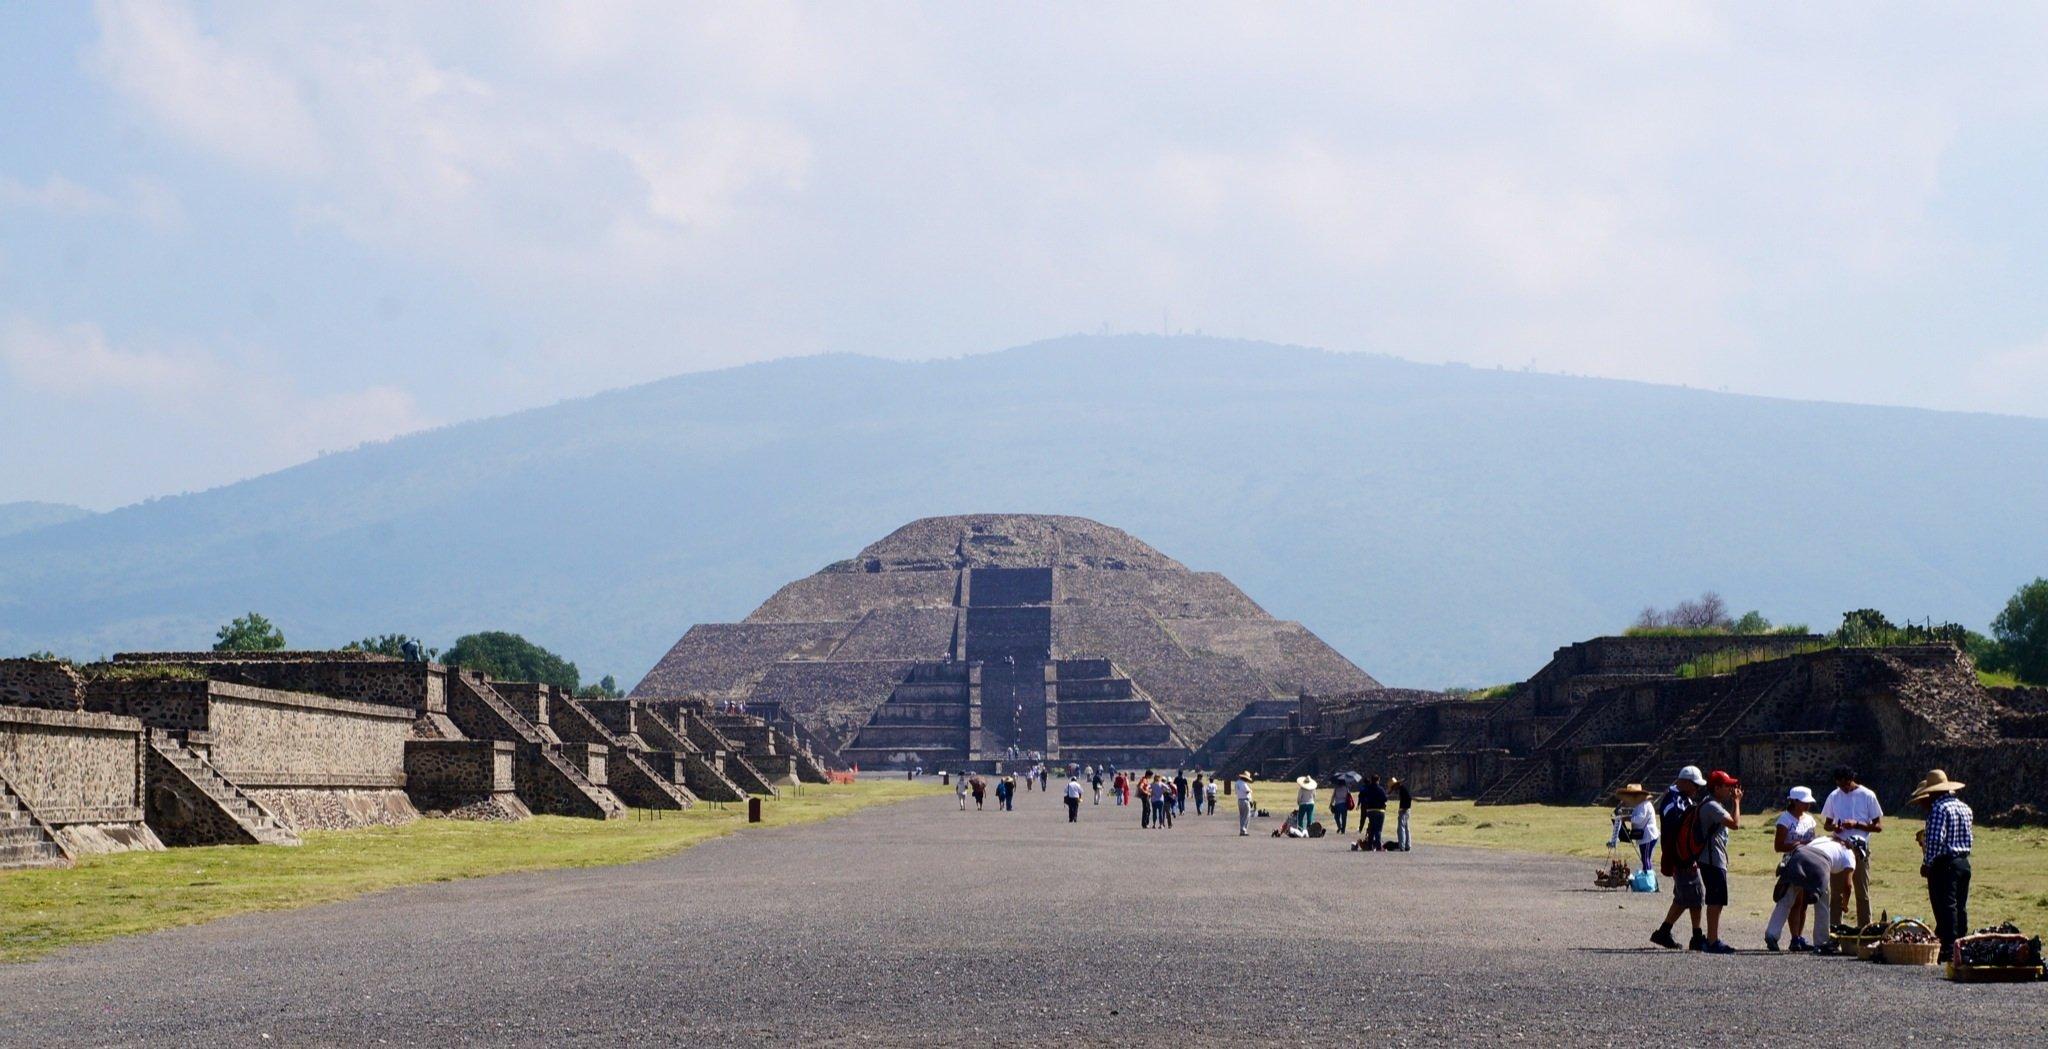 ENCUENTRAN POSIBLE SIGNIFICADO DE ESCRITURA EN TEOTIHUACÁN